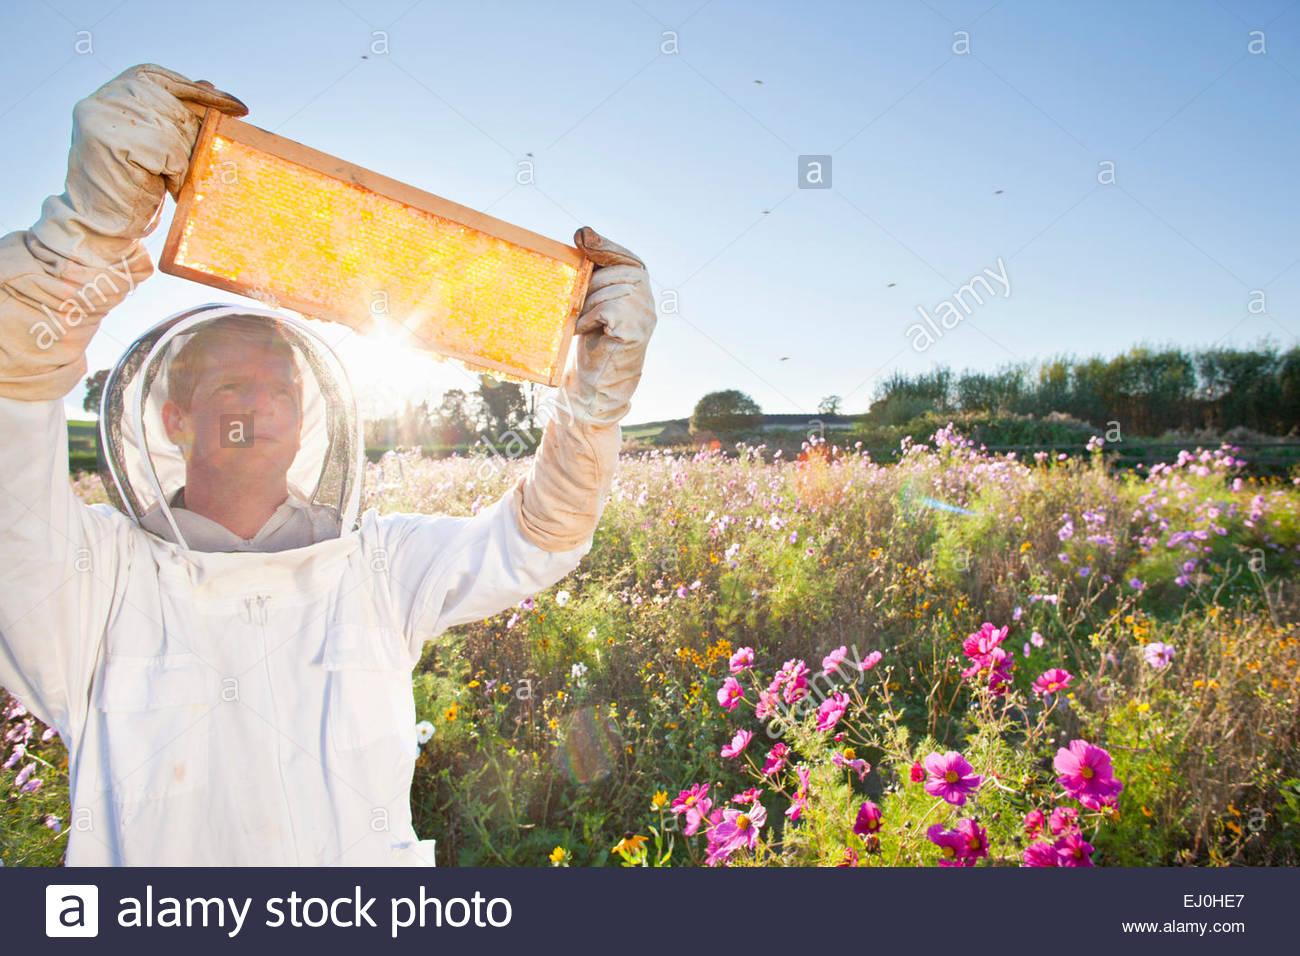 El apicultor, sosteniendo el bastidor de la colmena de miel hasta el sol, en el campo lleno de flores Imagen De Stock